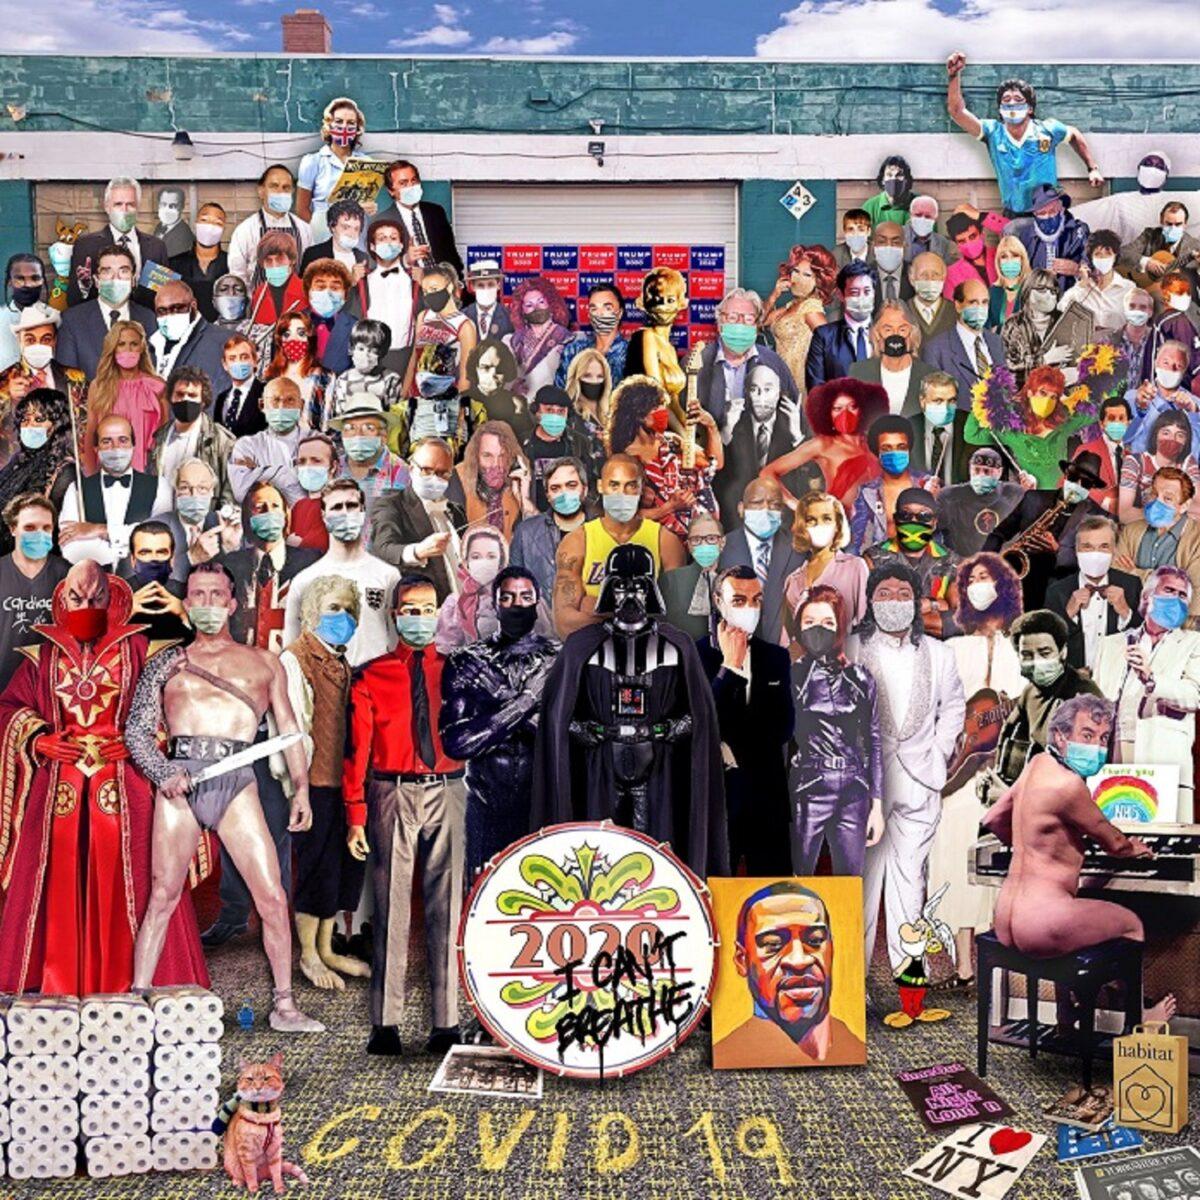 Chris Barker artista recria capa de Sgt Peppers e destaca personalidades que nos deixaram em 2020 1